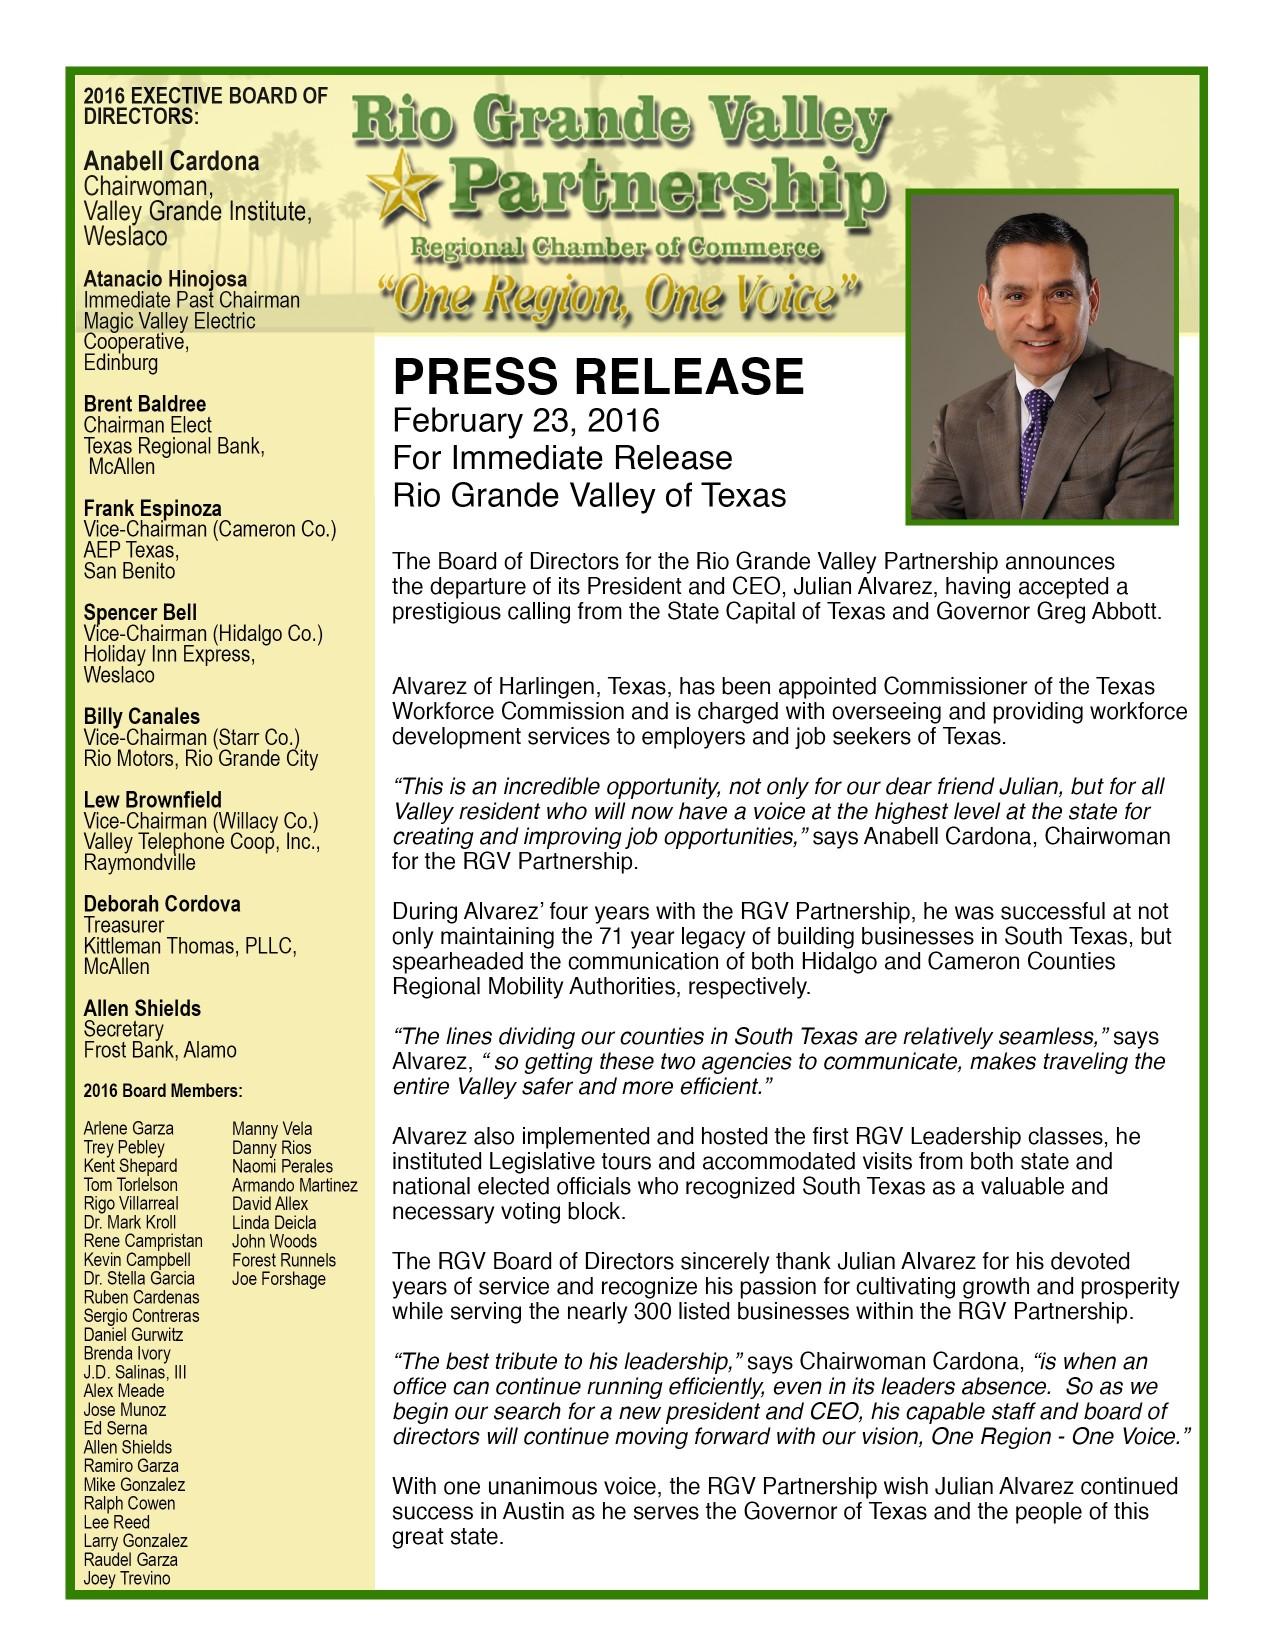 Press_Release-_Julian_Alvarez_2-23-16-w1275.jpg